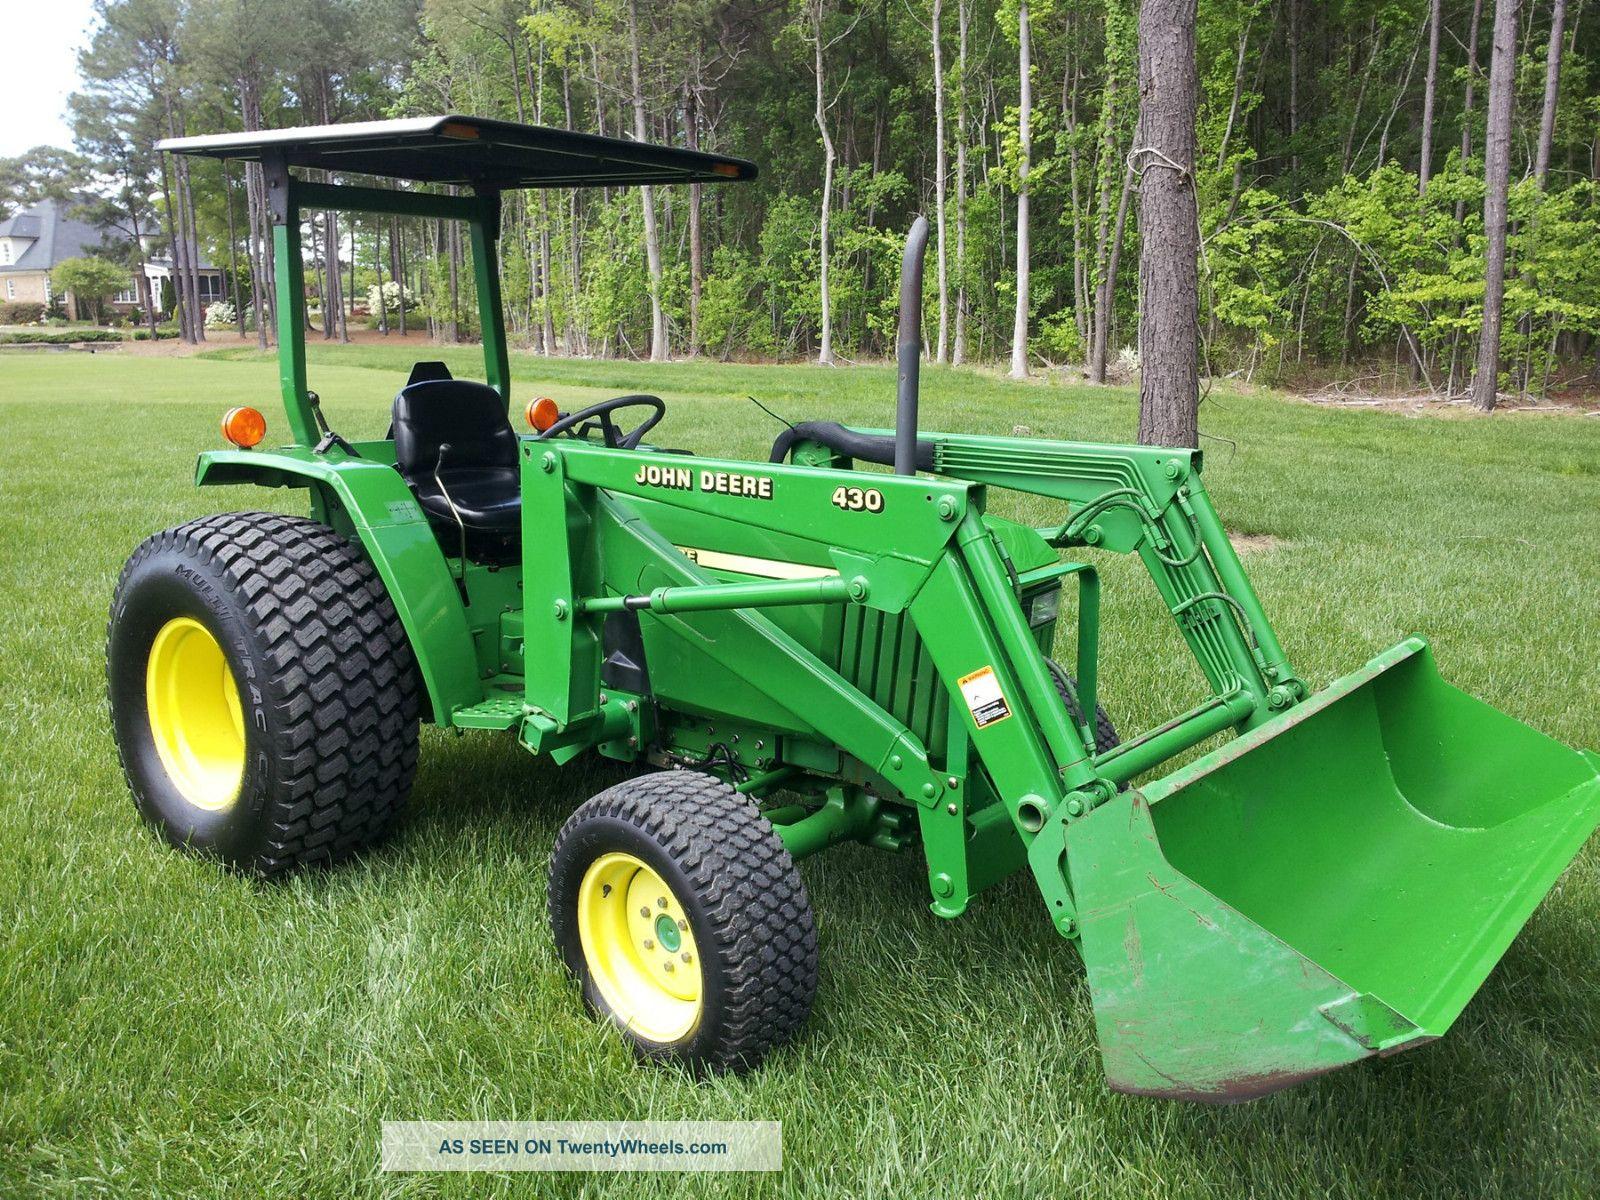 John Deere 990 287 Hours 4x4 Tractors photo